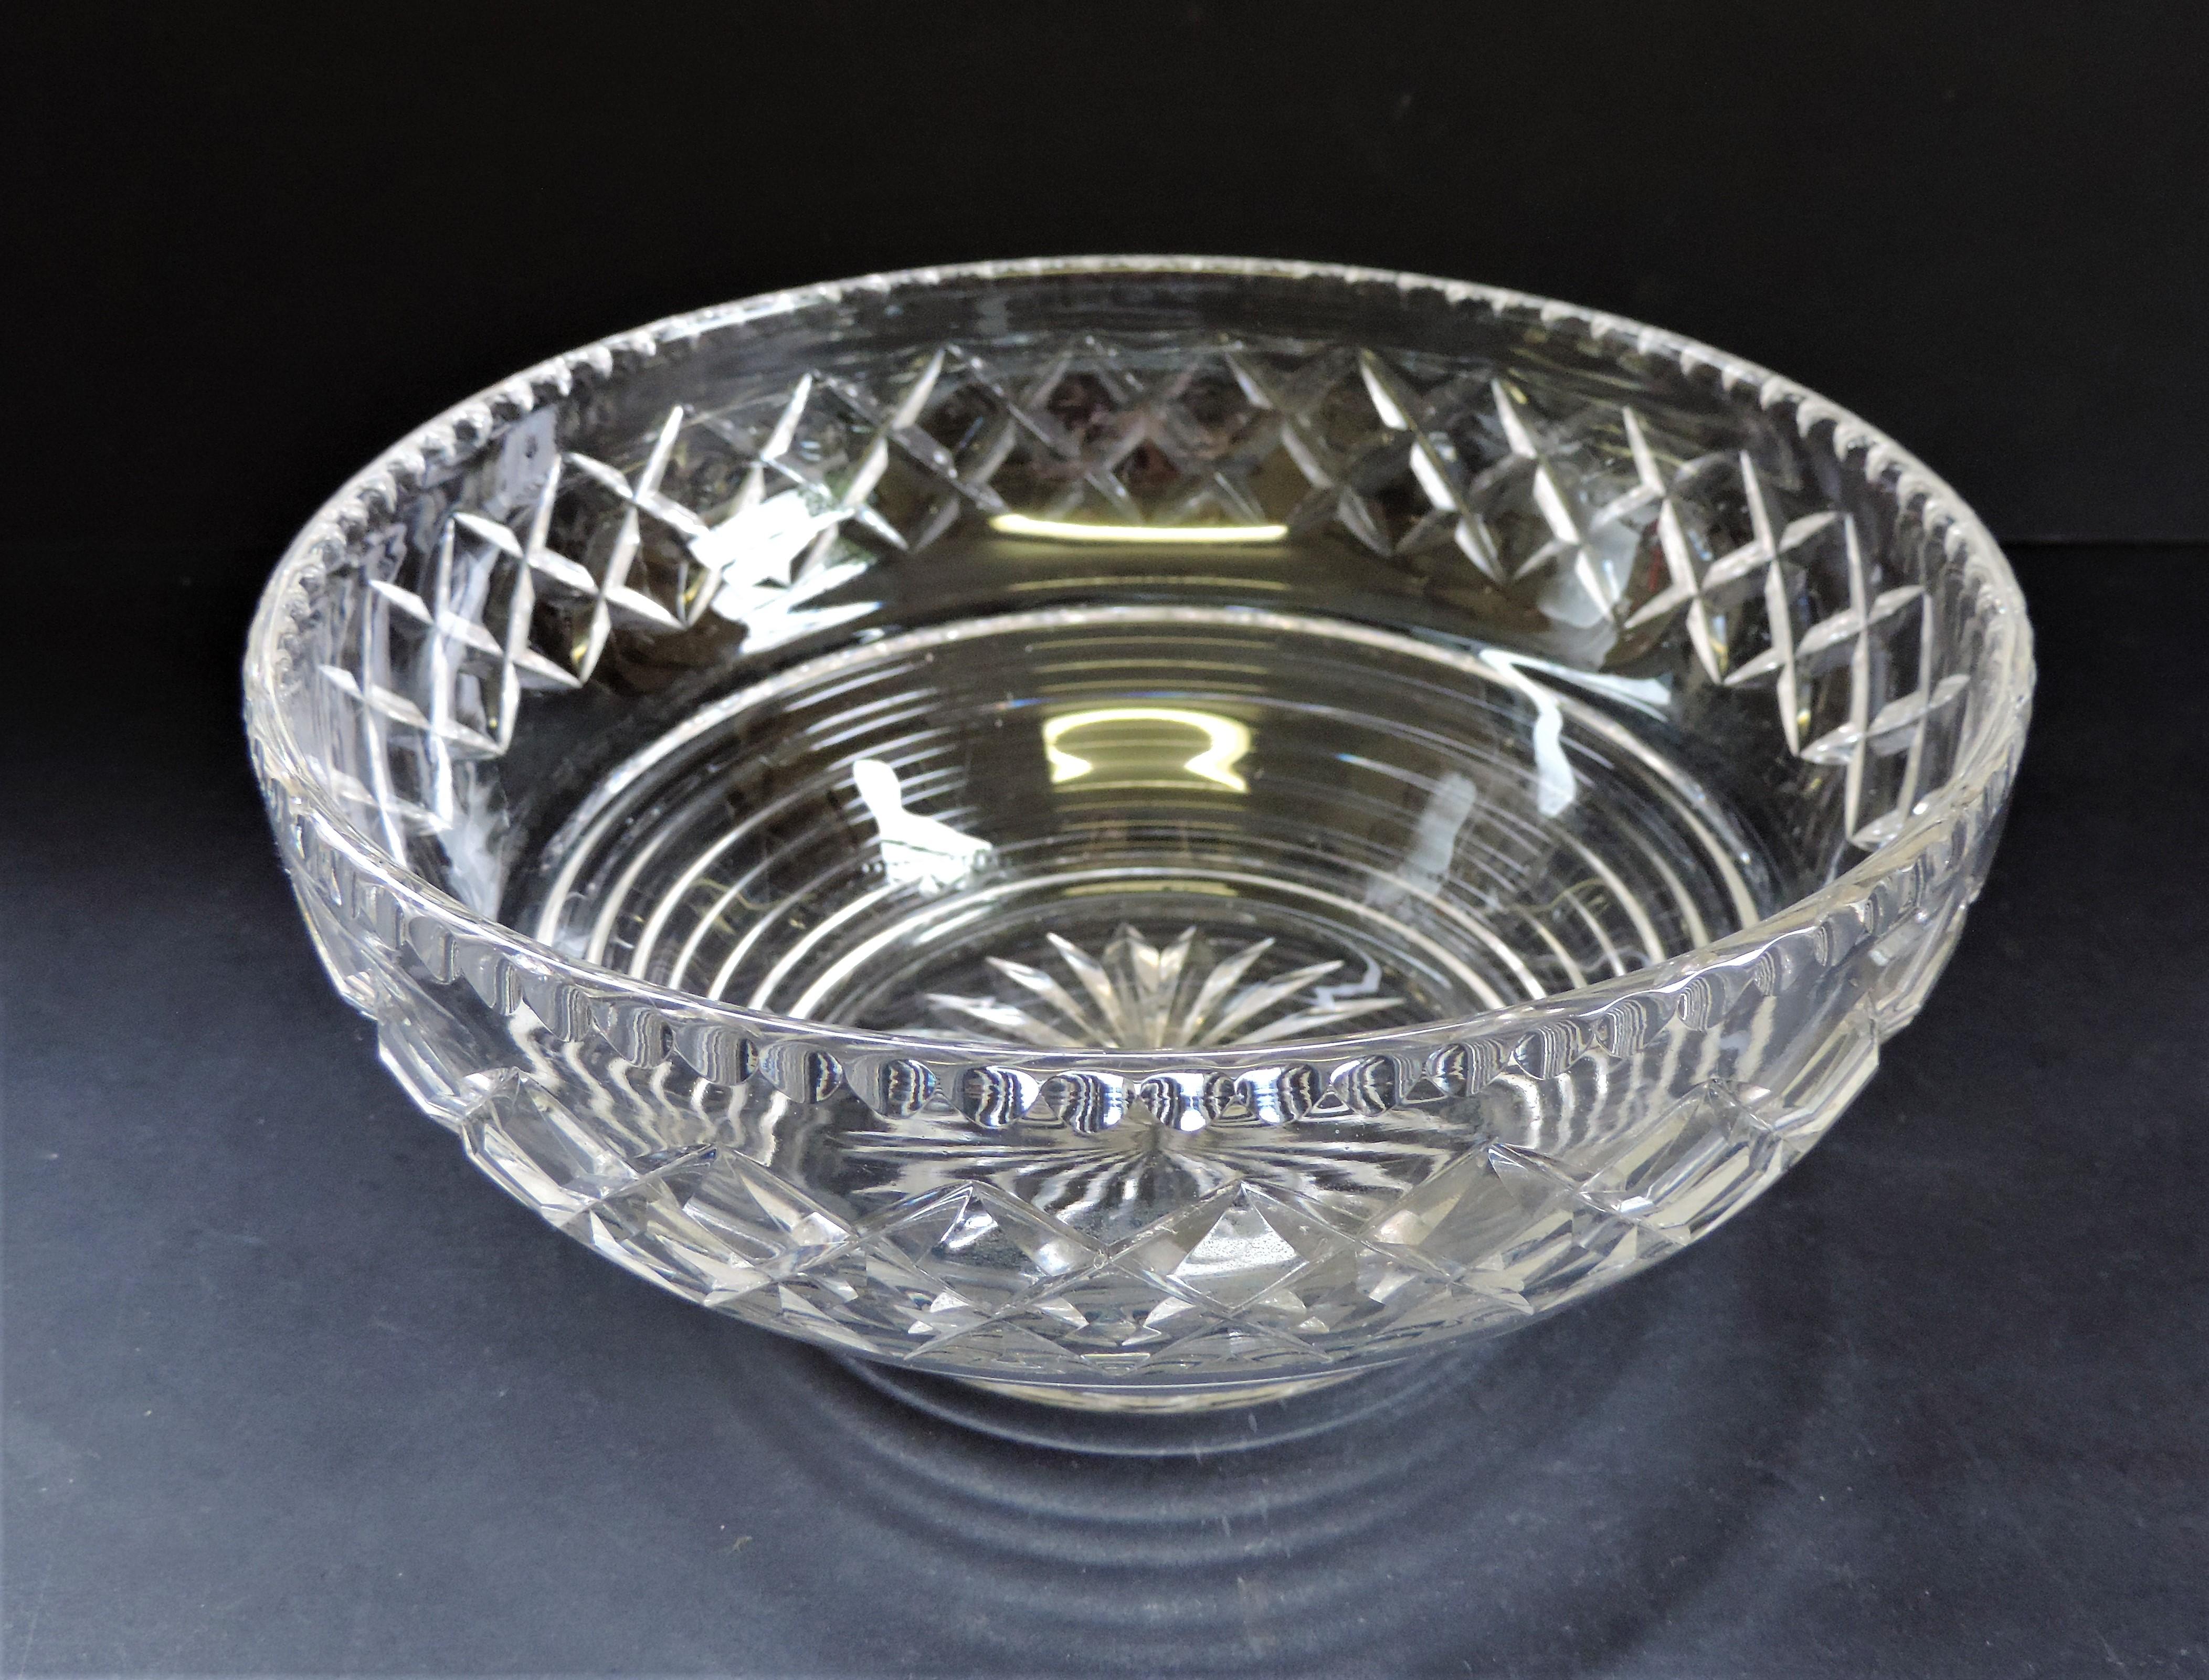 Vintage Art Deco Stuart Crystal Fruit Bowl - Image 2 of 5